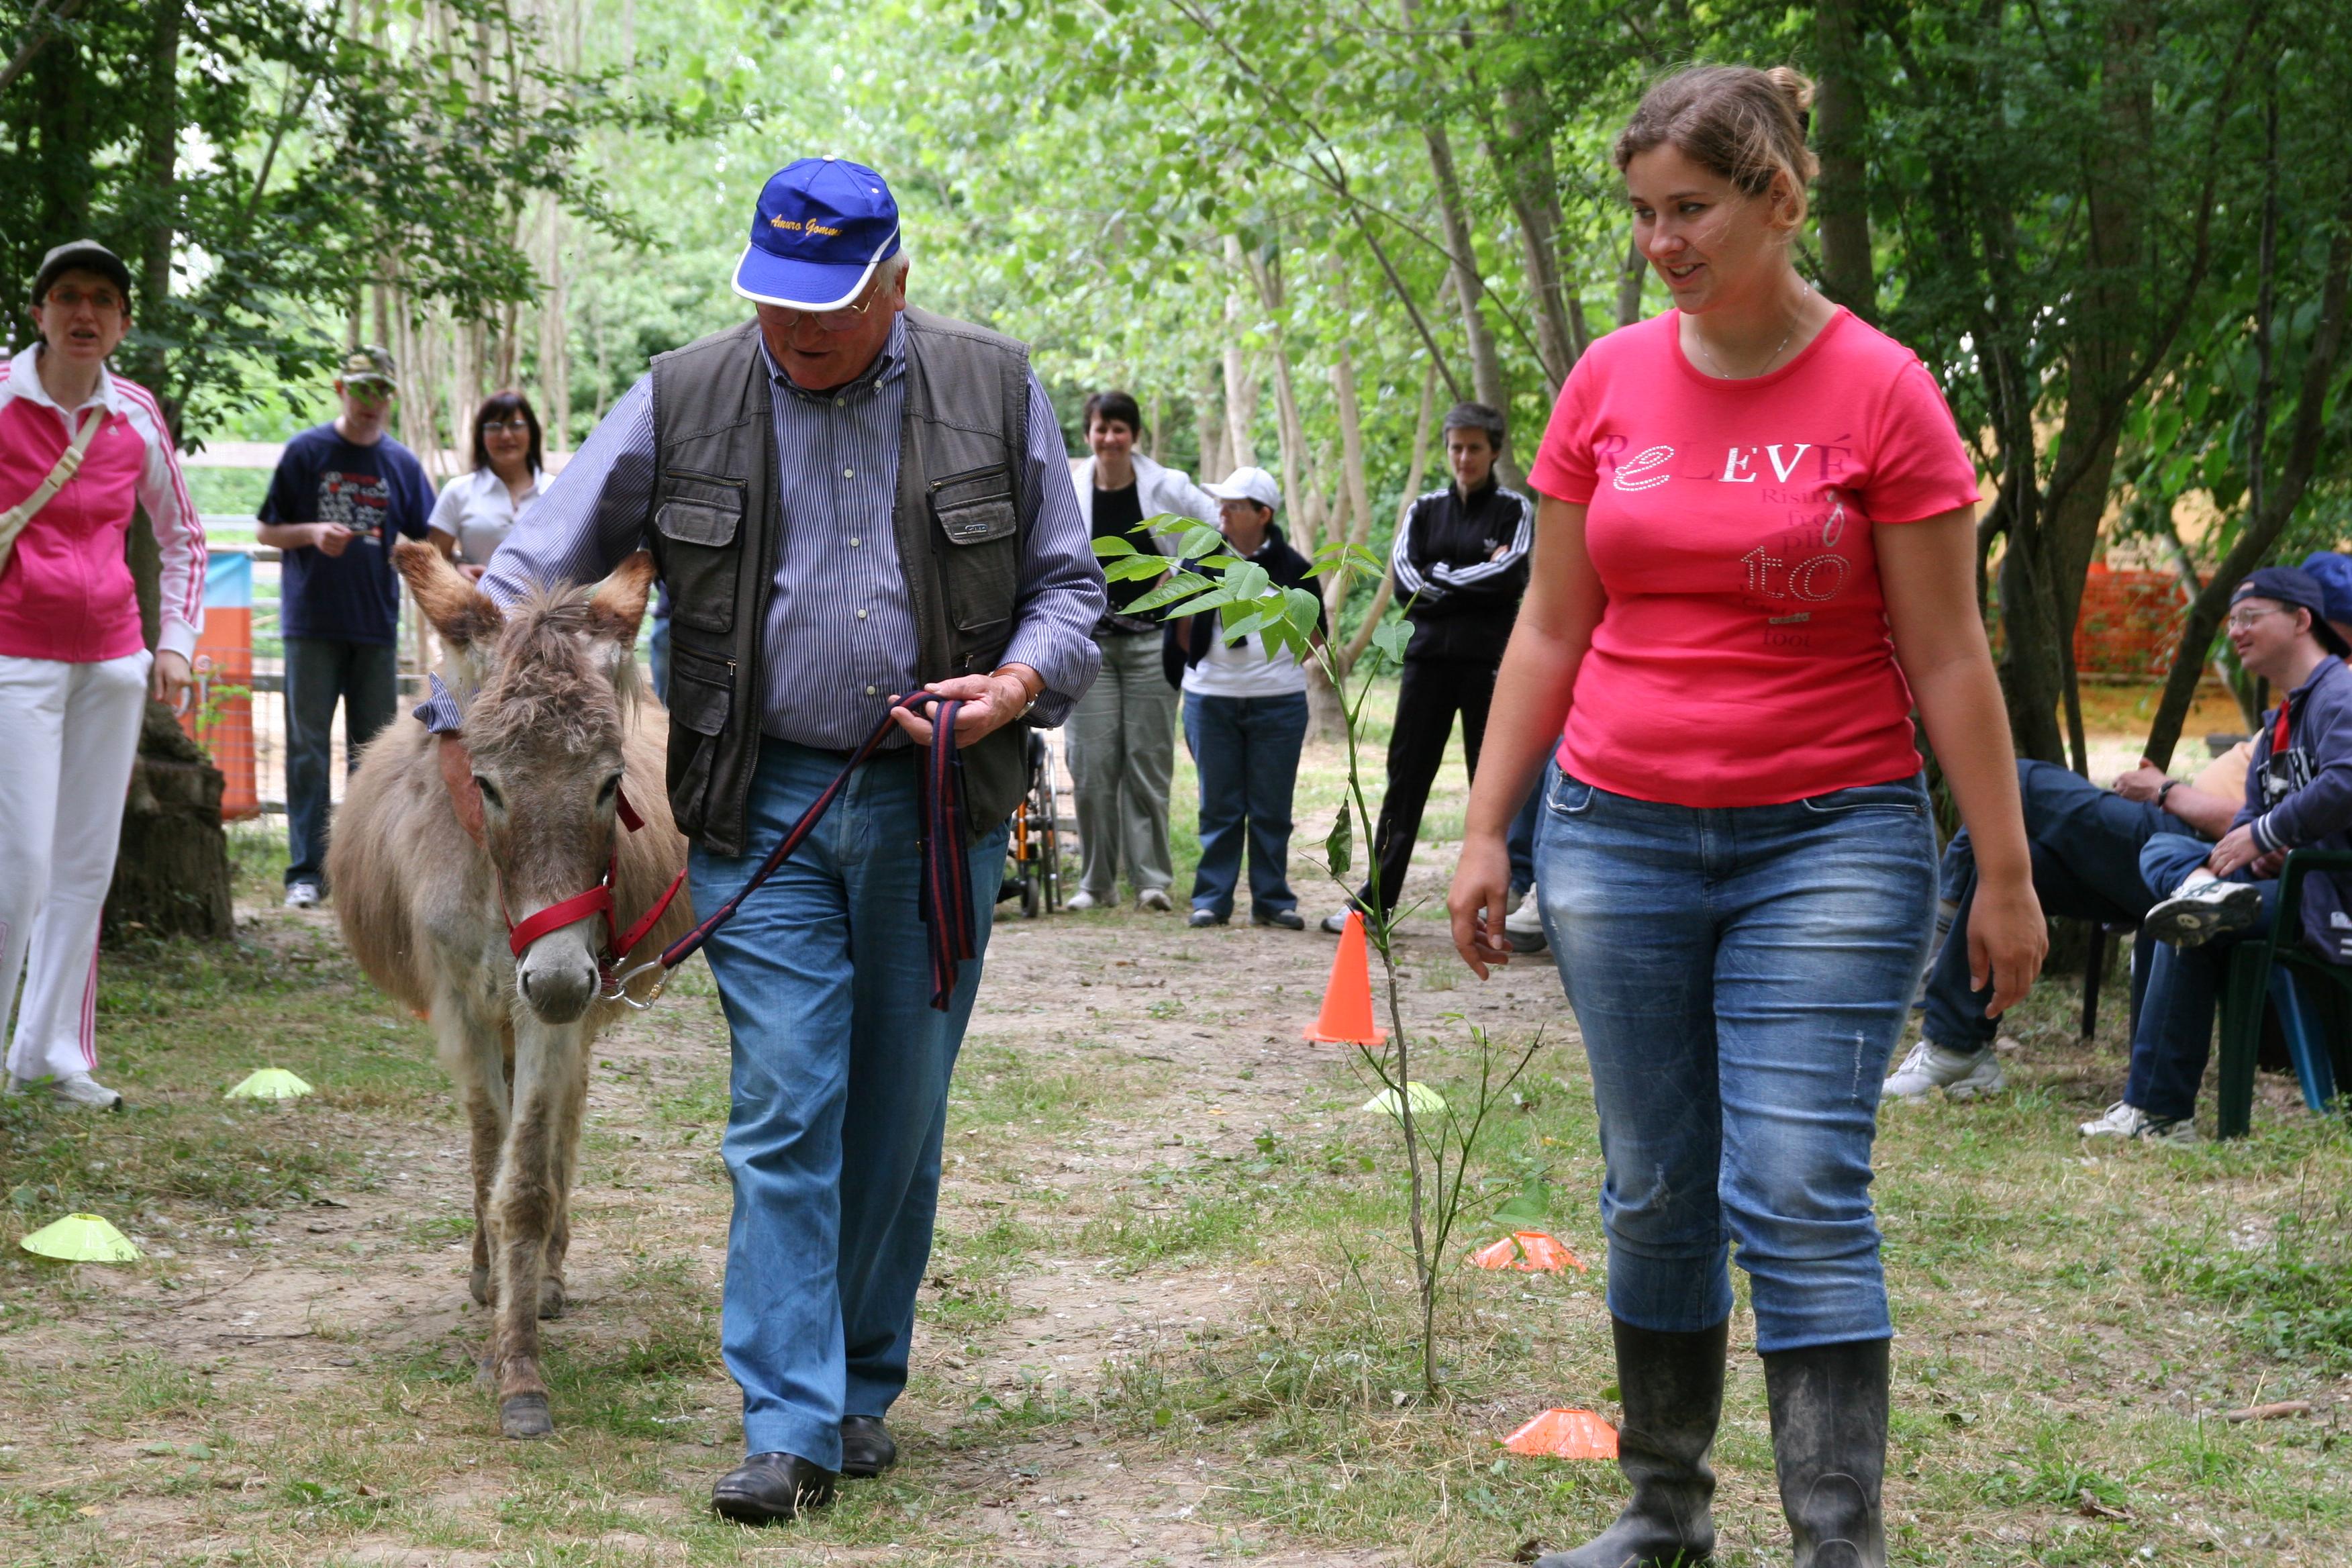 Un uomo passeggia con un asinello sotto lo sguardo di numerosi visitatori